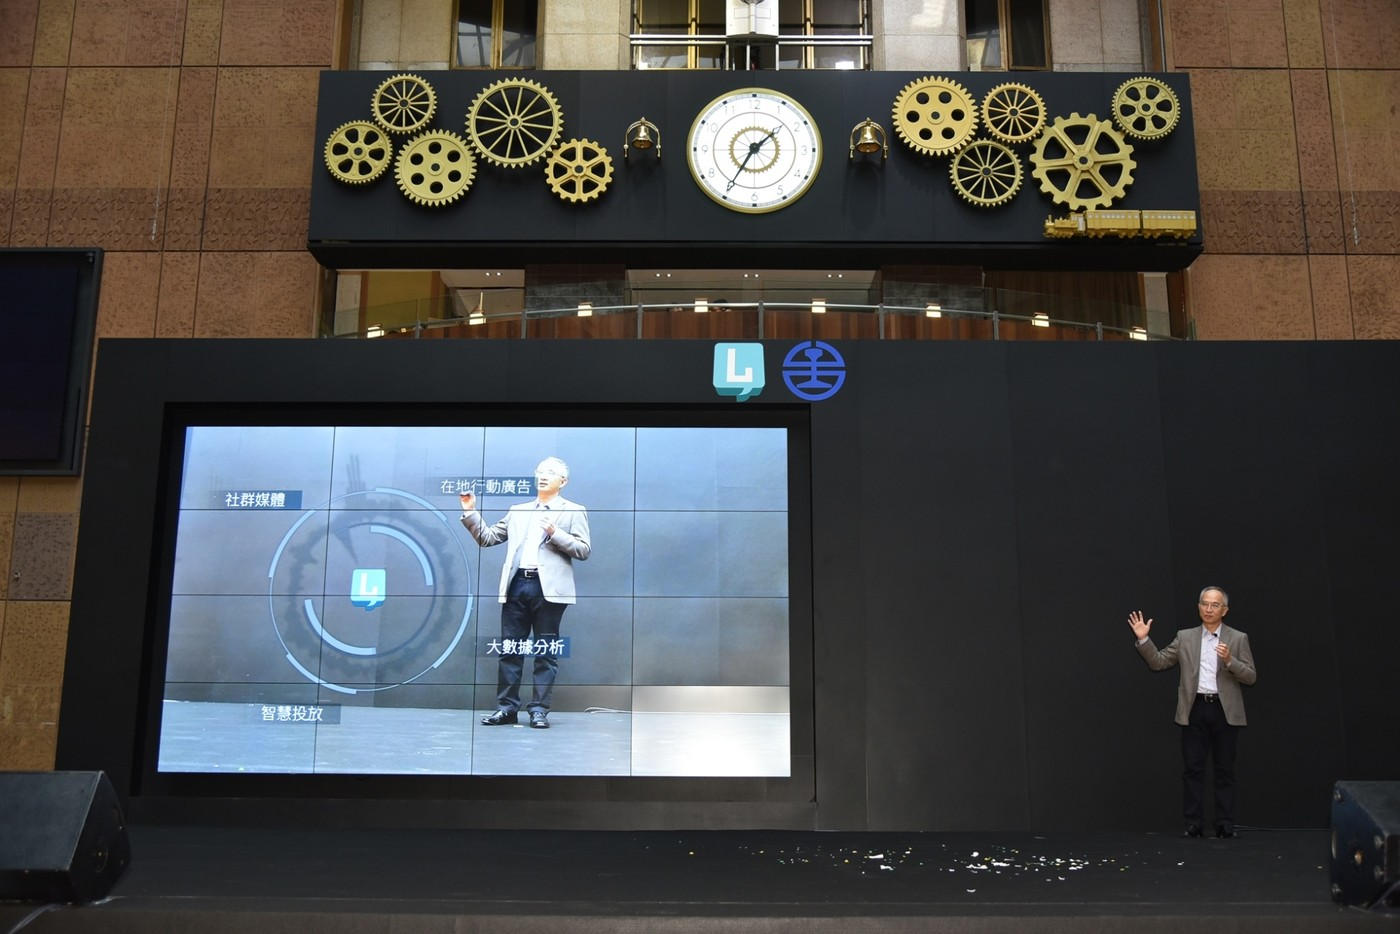 鴻海「萬相雲」進軍多媒體,進駐台北車站推AR互動裝置